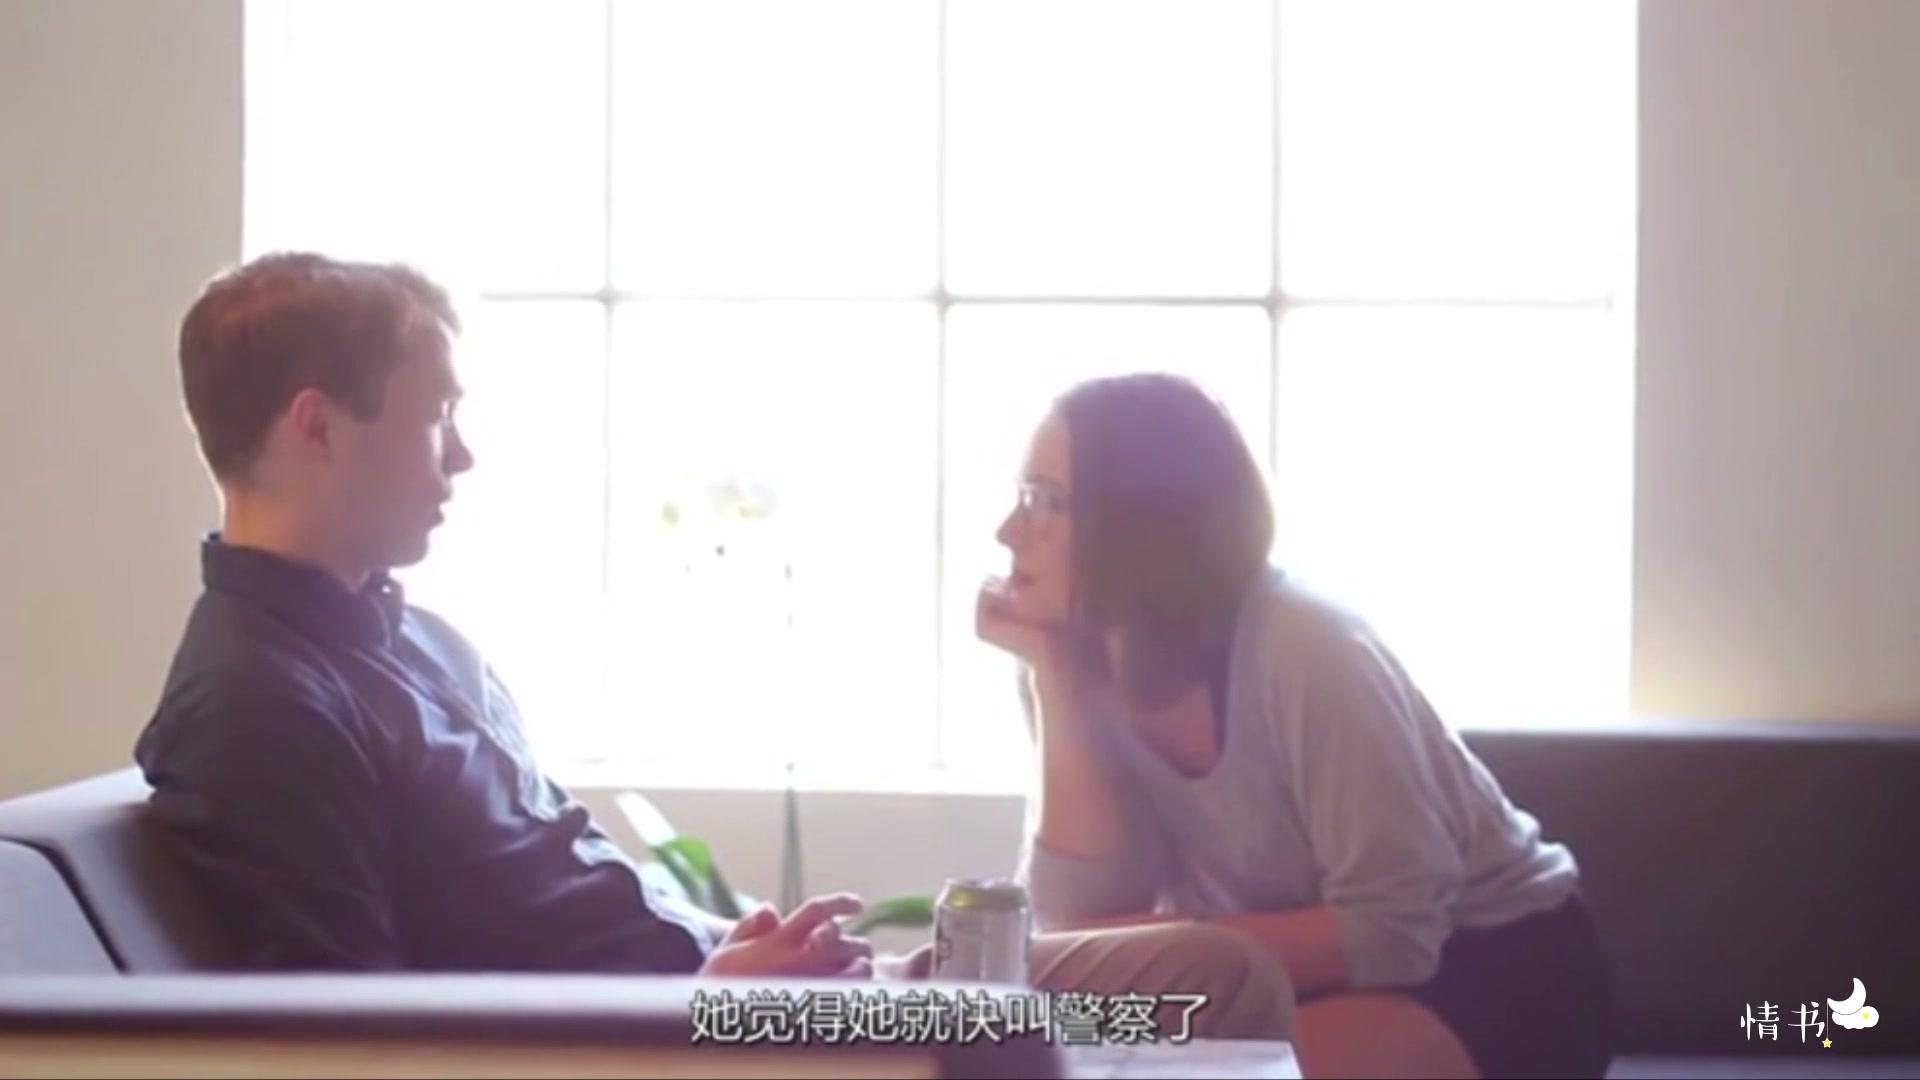 失恋伤���,���y�9b^Z�_黯然神伤失恋幽默短片《他对你没兴趣的信号》